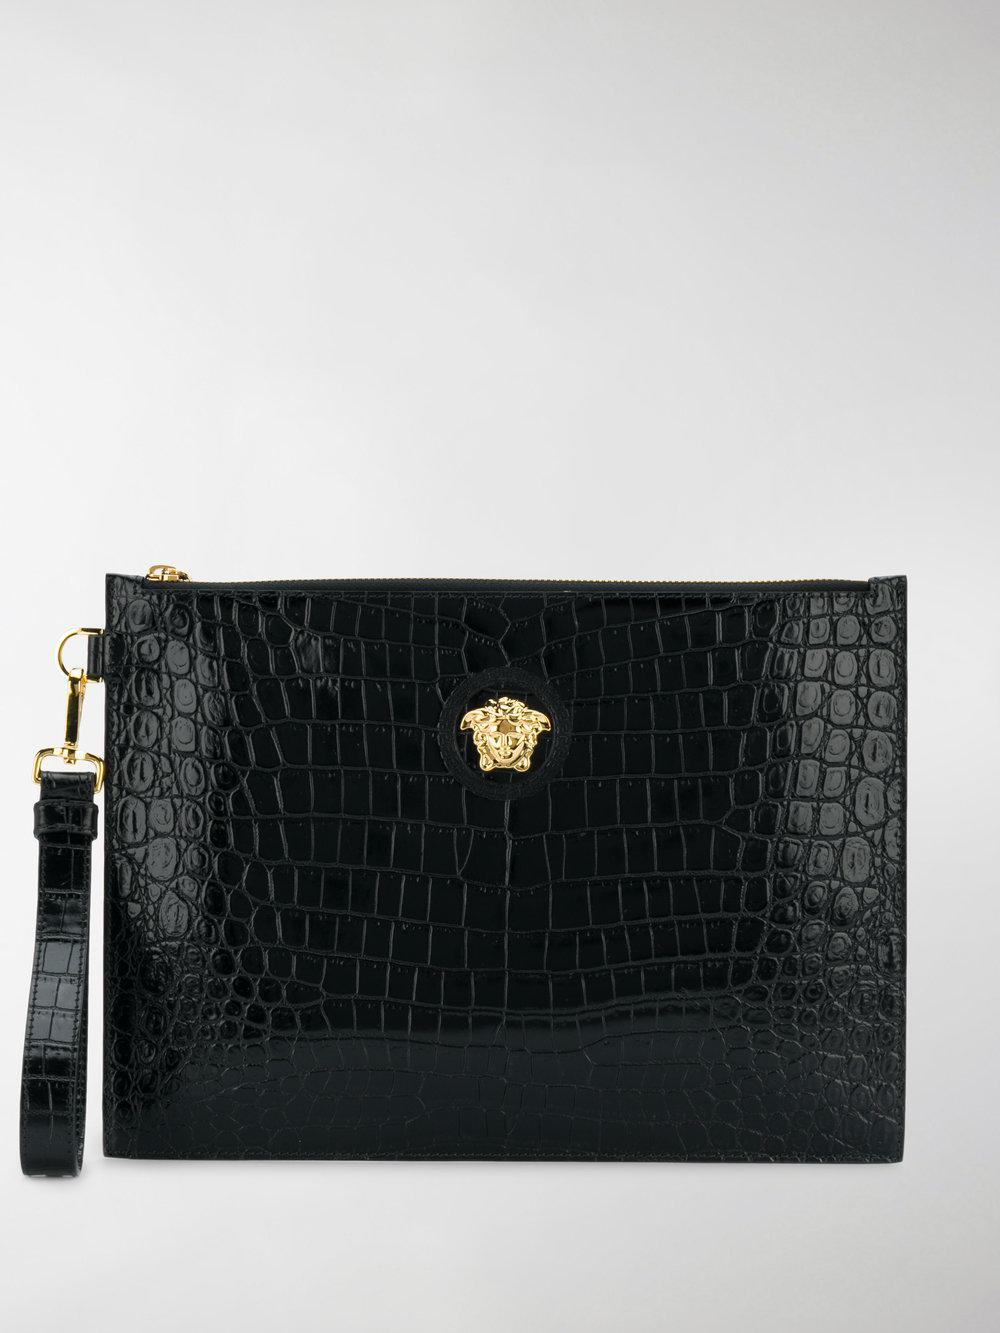 af8cff8fb132 Lyst - Versace Medusa Clutch Bag in Black for Men - Save ...